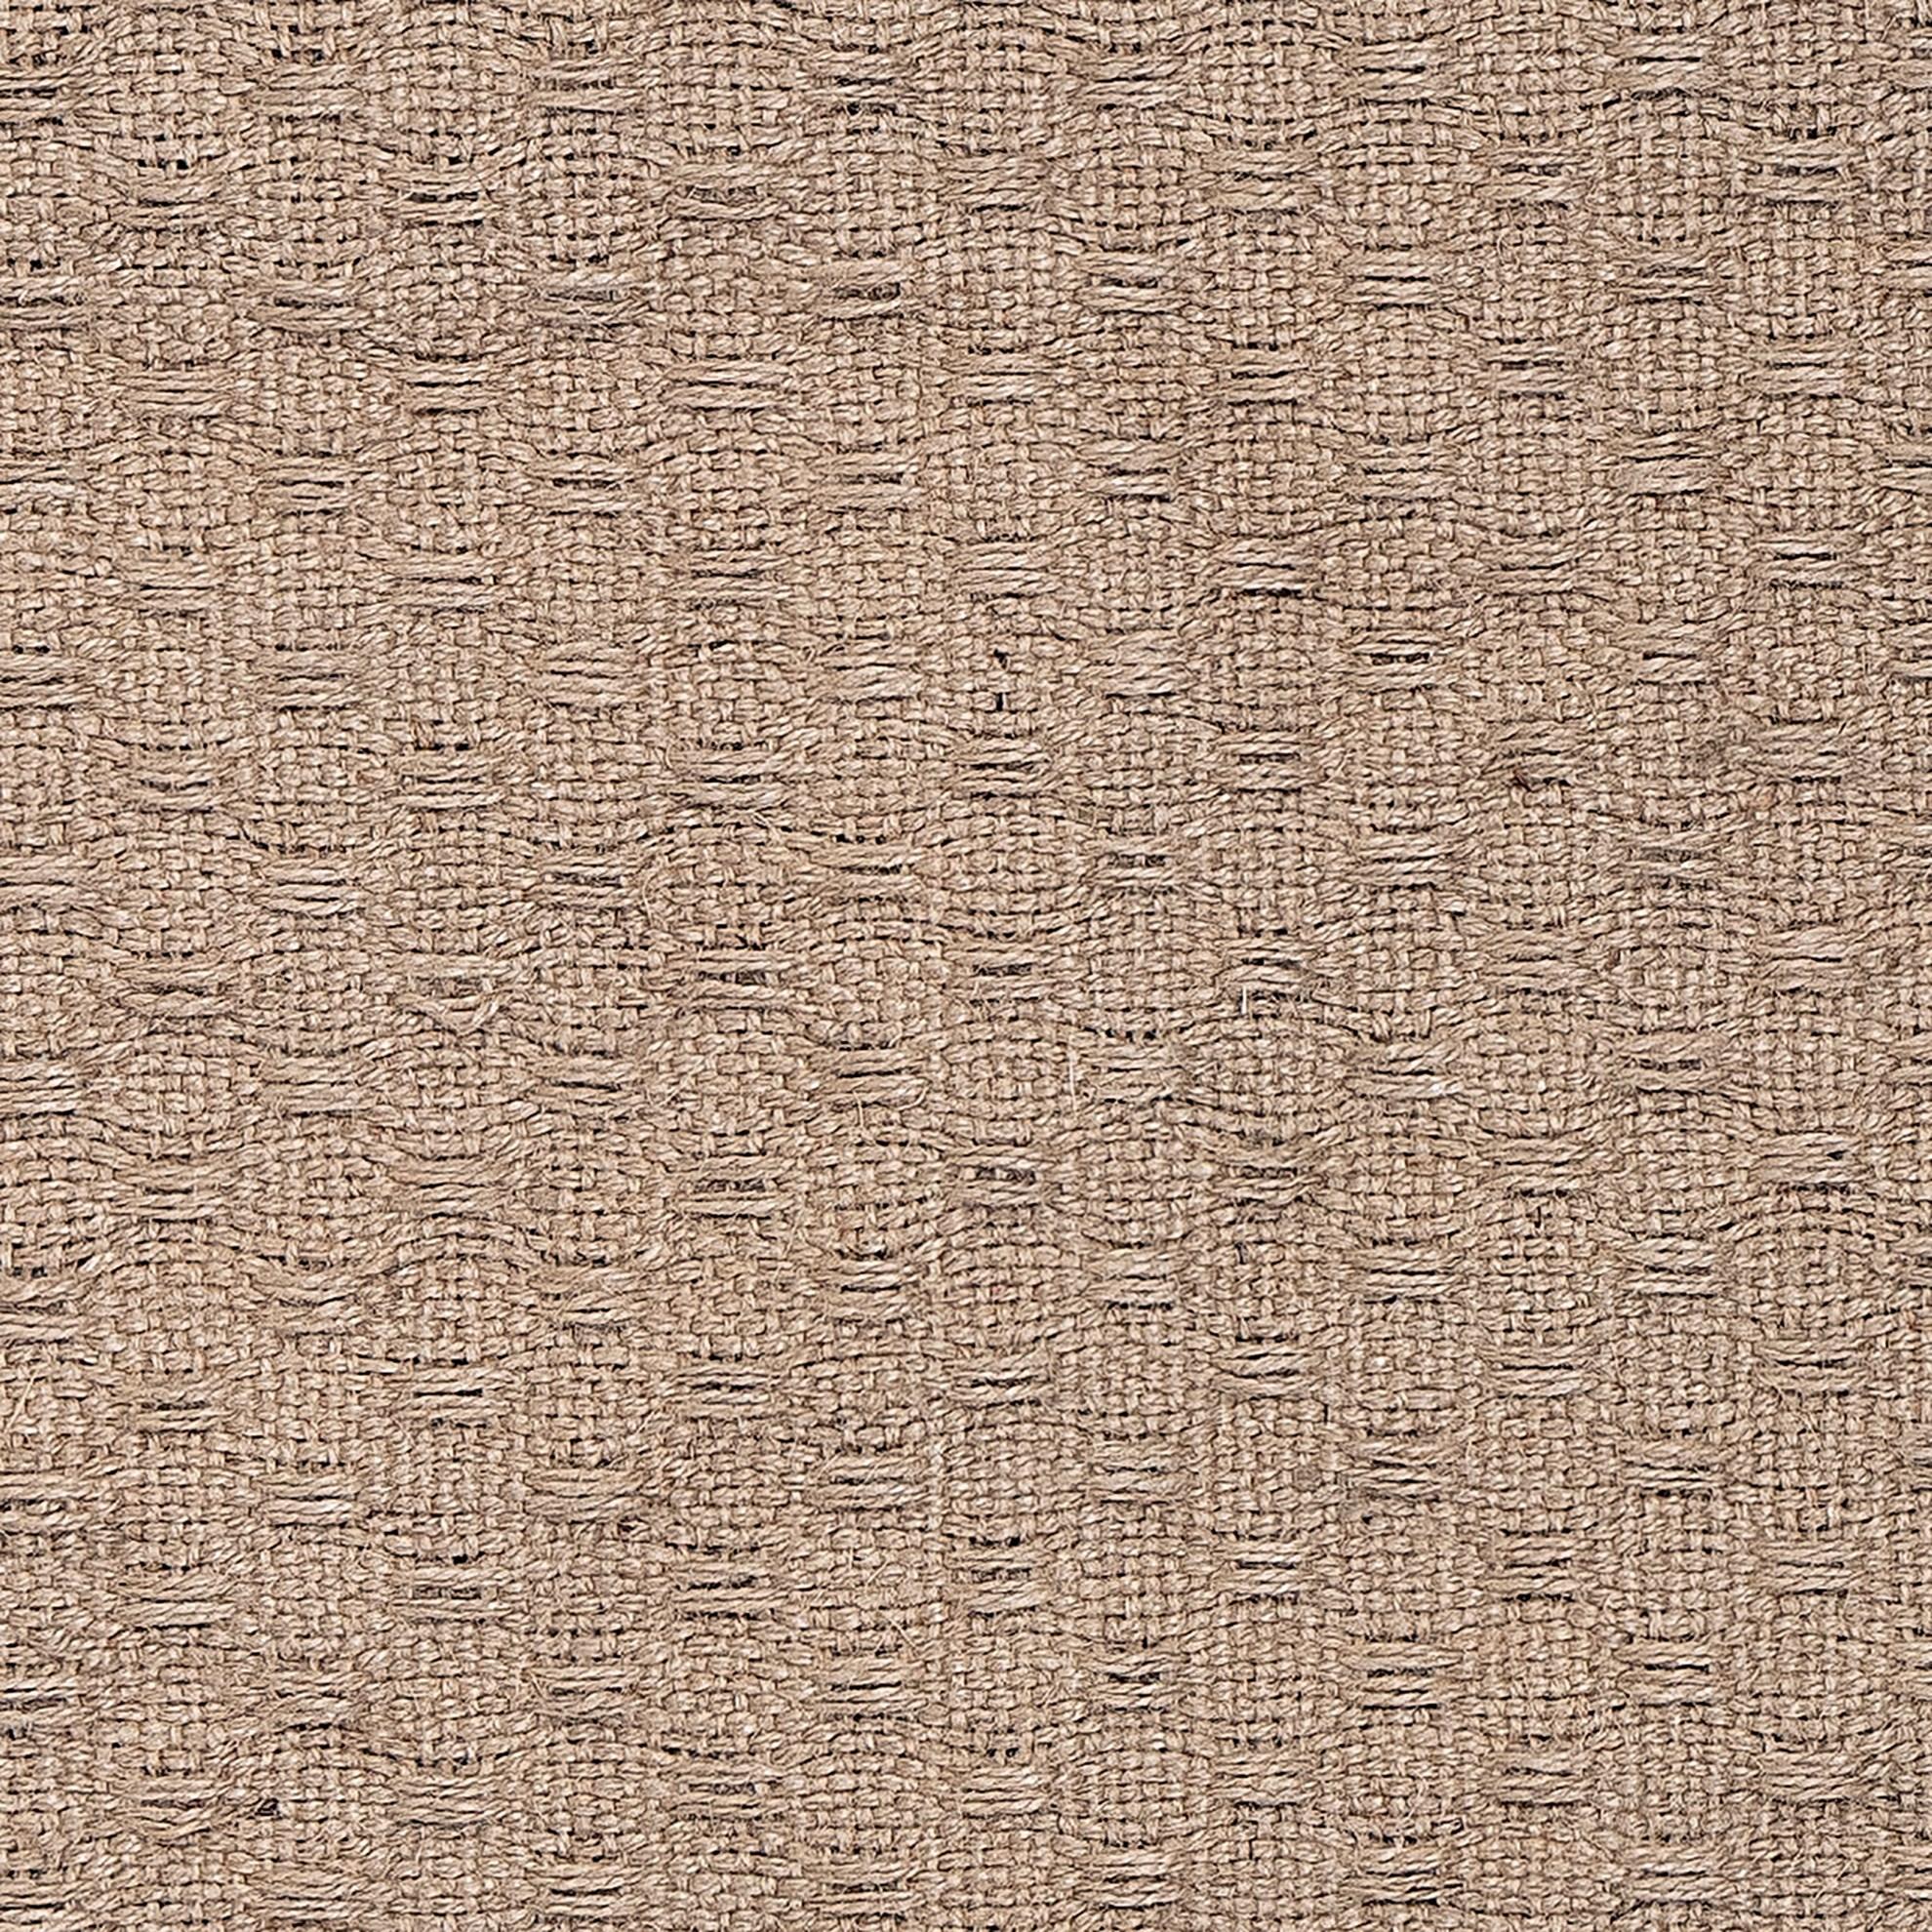 Koberec/předložka - přírodní, 280x70 cm_1